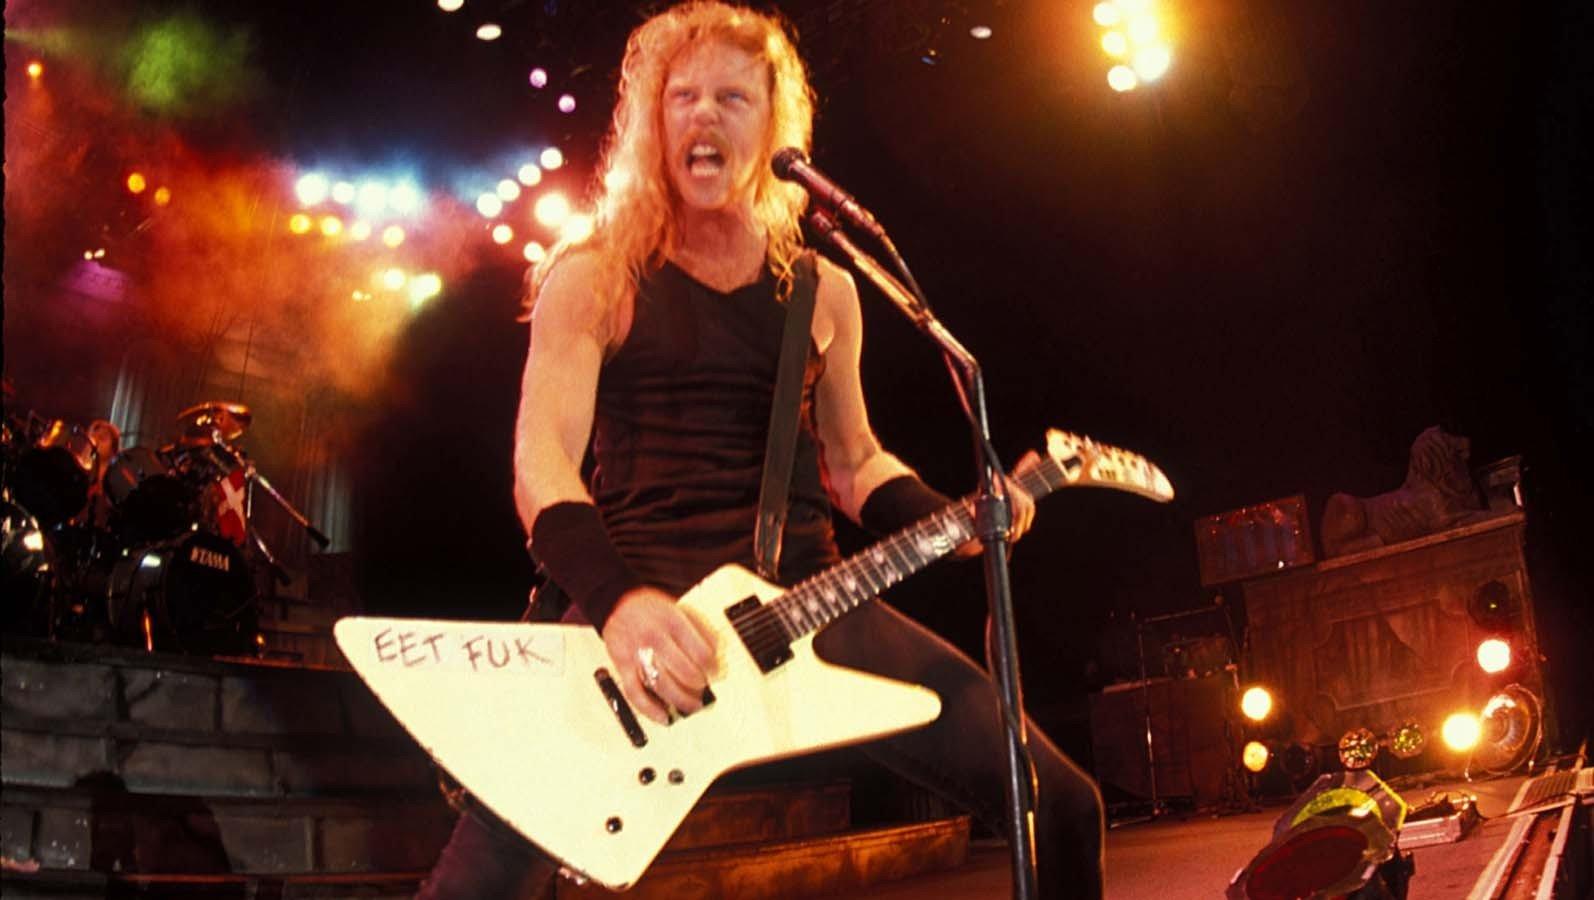 3840x1080 Wallpaper Hd Metallica James Hetfield Hd Wallpapers Desktop And